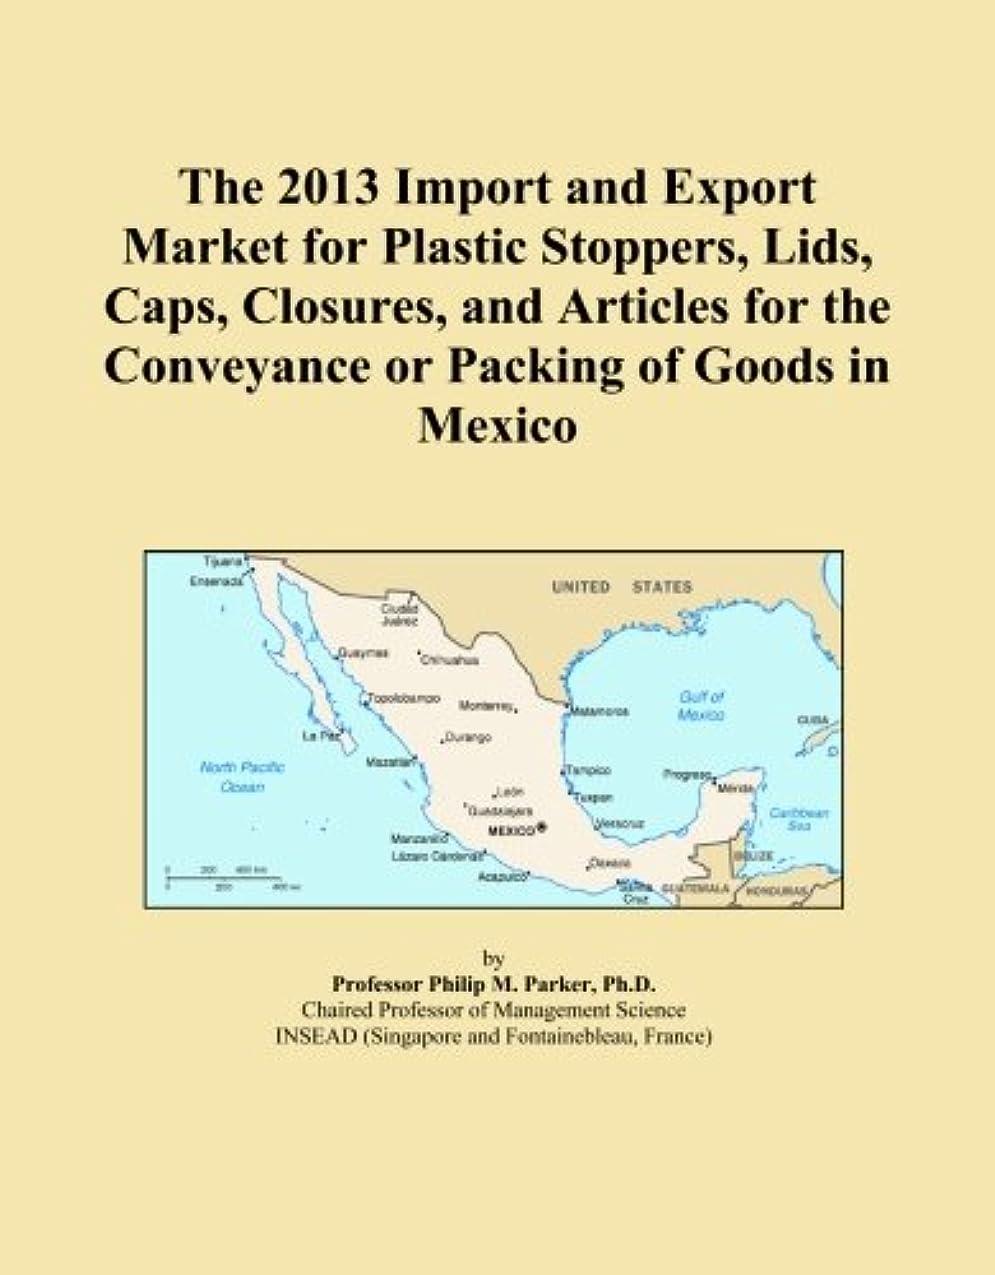 ブルーベル修正良いThe 2013 Import and Export Market for Plastic Stoppers, Lids, Caps, Closures, and Articles for the Conveyance or Packing of Goods in Mexico